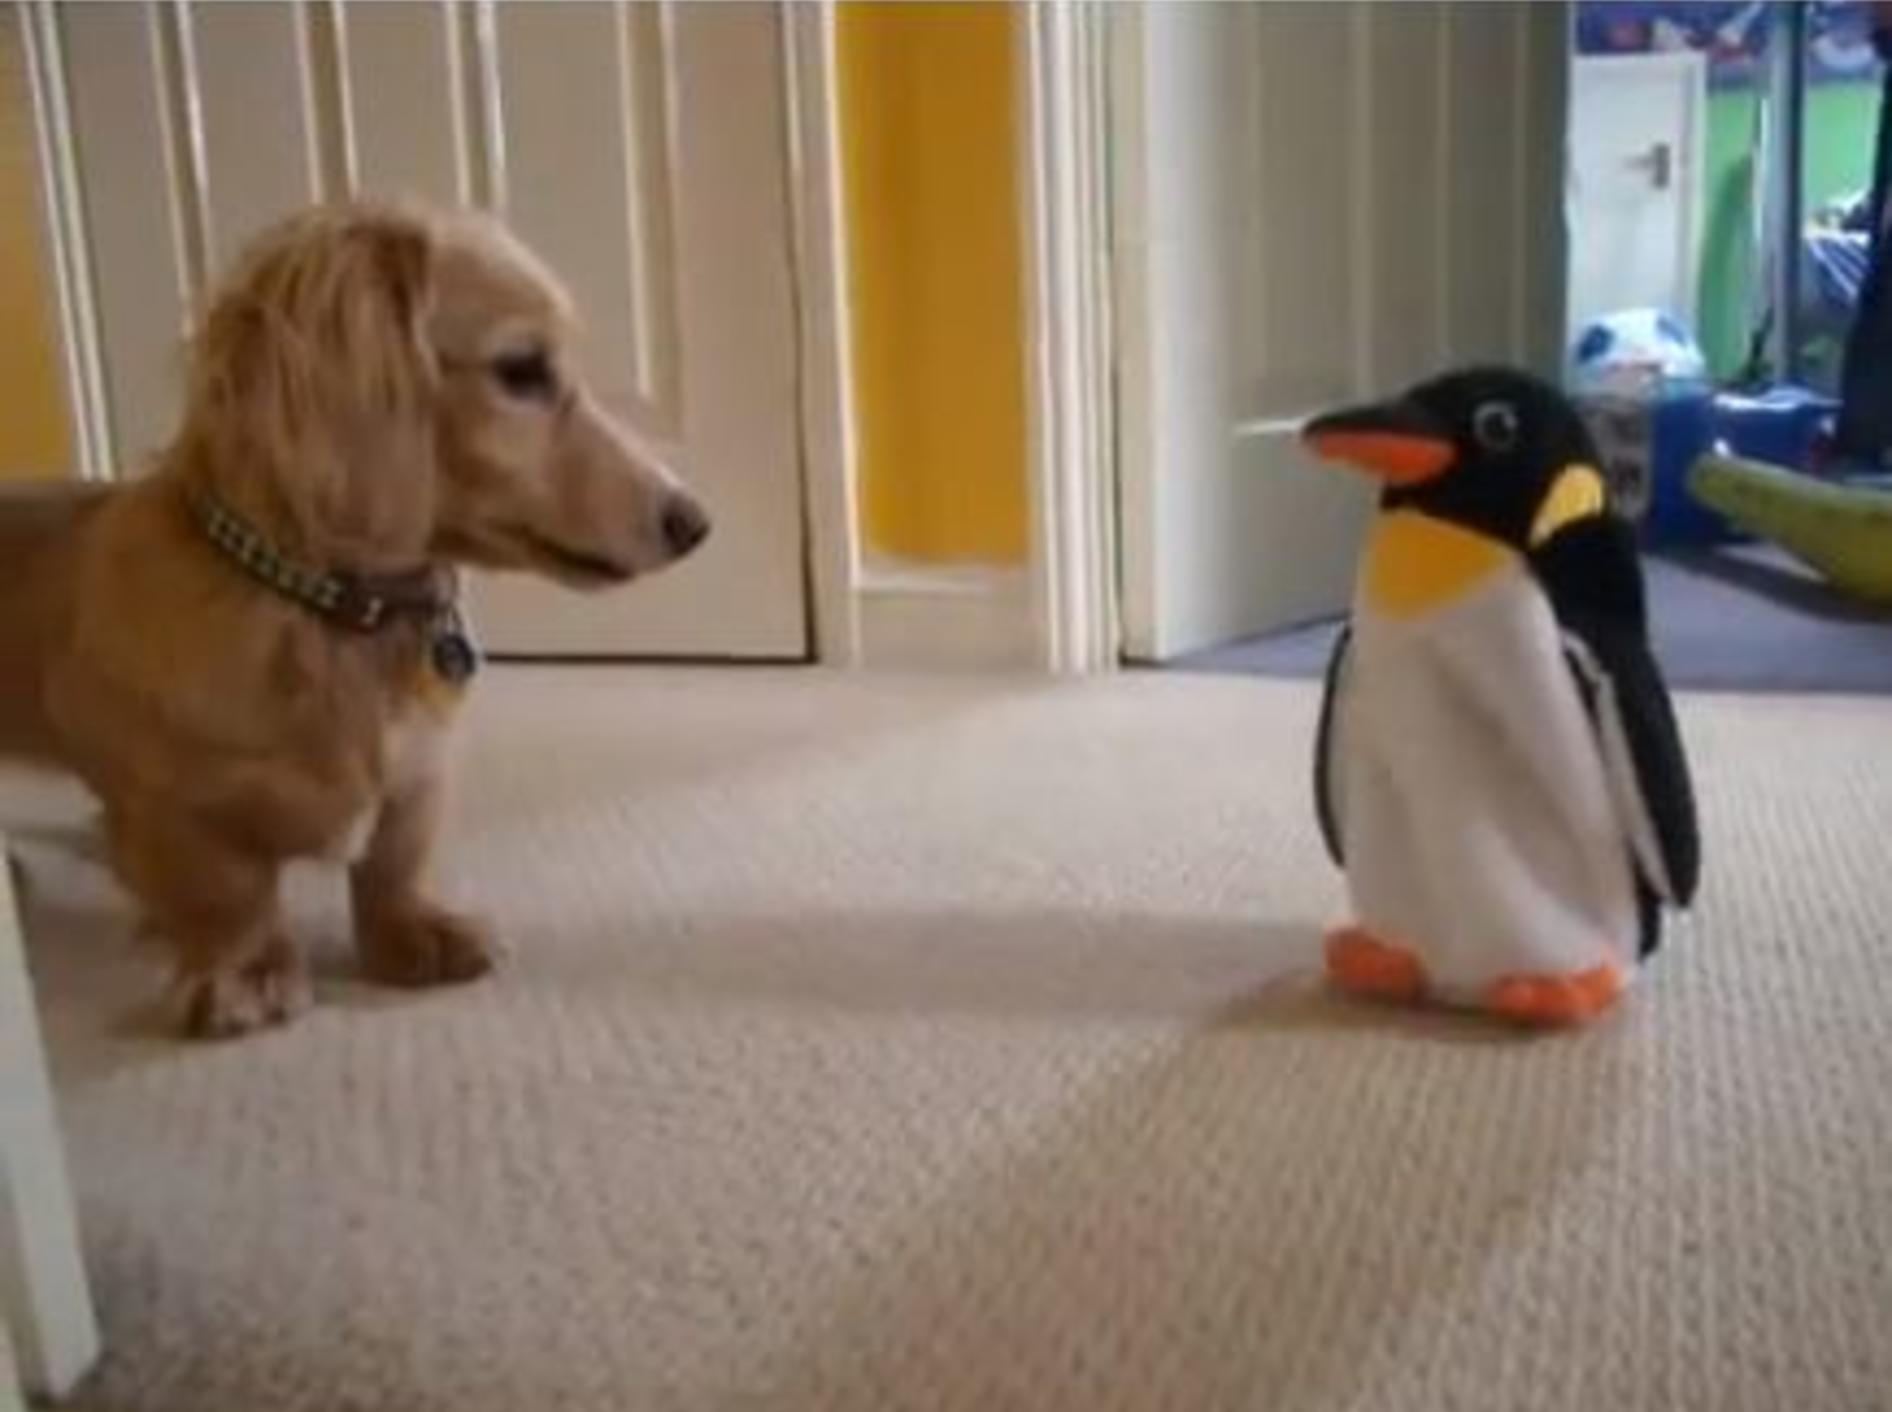 Spielspaß für lustige Hunde: Der Dackel und der Pinguin — Bild: Youtube / dachlovers